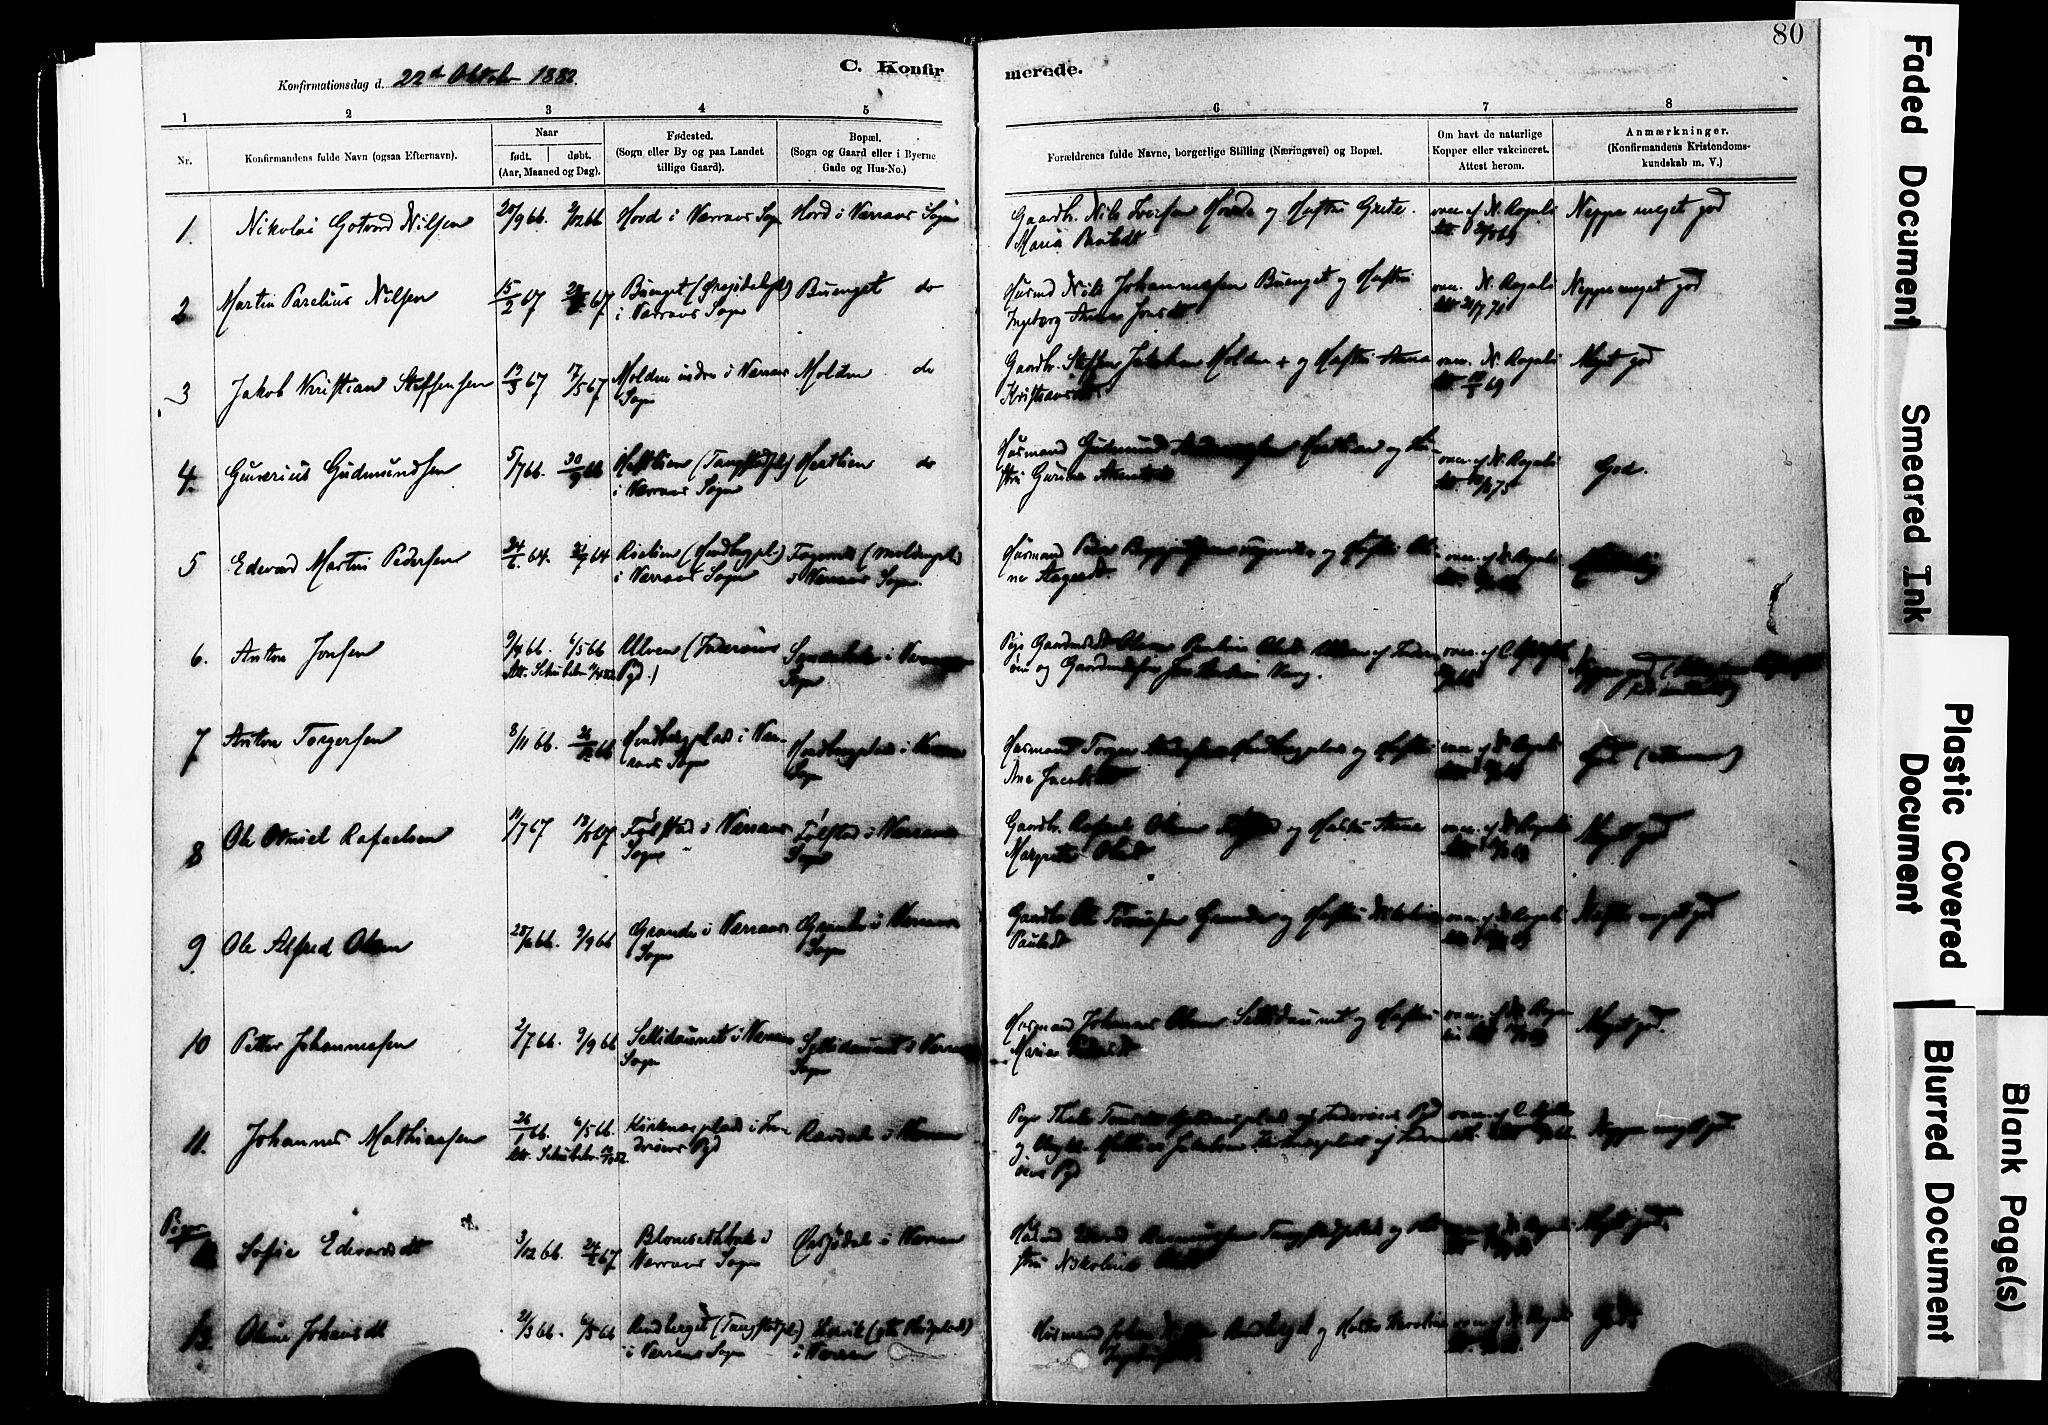 SAT, Ministerialprotokoller, klokkerbøker og fødselsregistre - Nord-Trøndelag, 744/L0420: Ministerialbok nr. 744A04, 1882-1904, s. 80